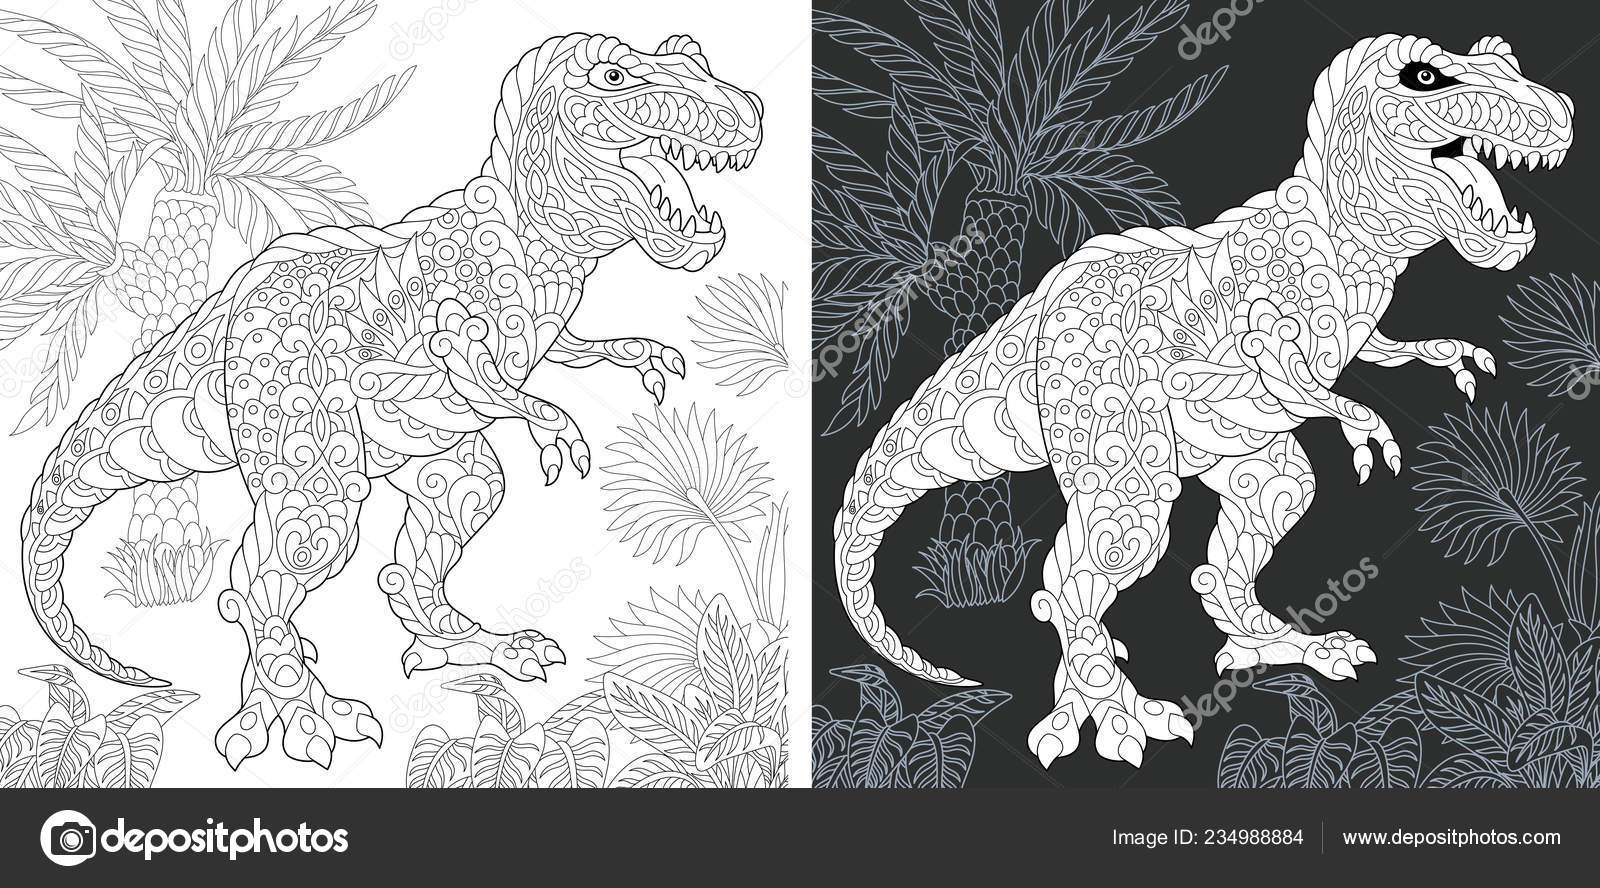 Malvorlagen Dinosaurier Sammlung Ausmalbild Mit Tyrannosaurus Rex